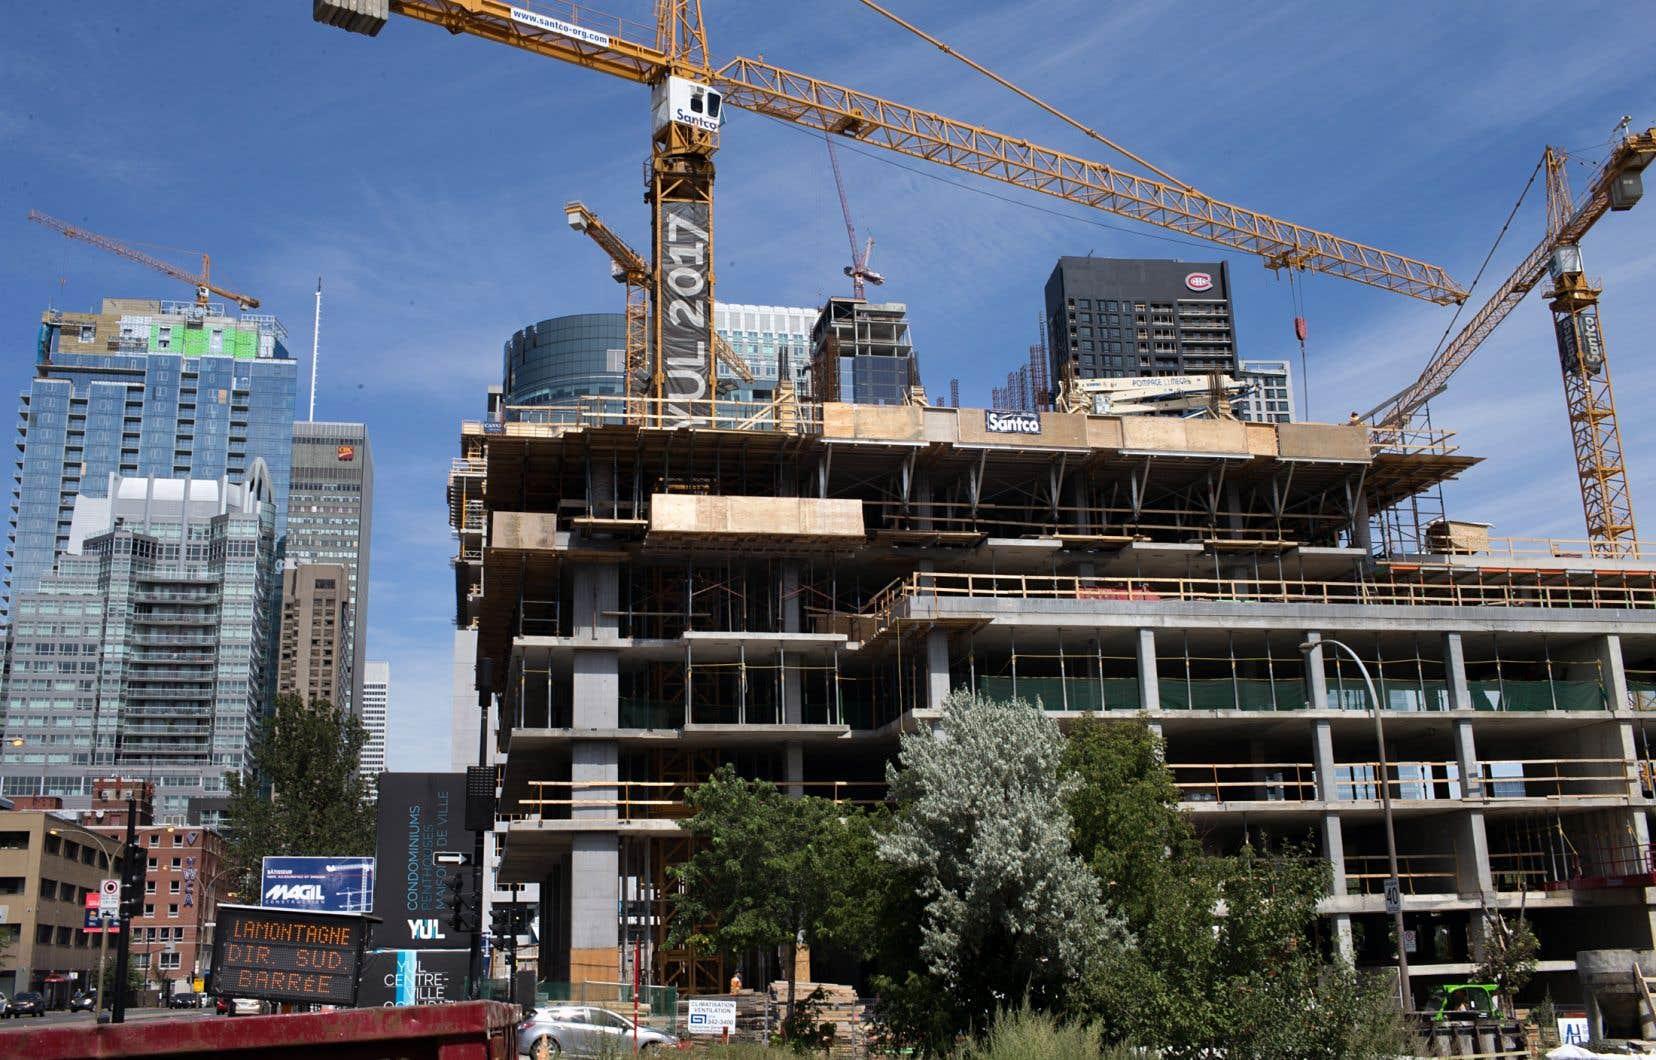 L'apport consolidé des secteurs de la construction au Québec représente 22,4milliards de dollars en PIB et 267500 emplois directs.